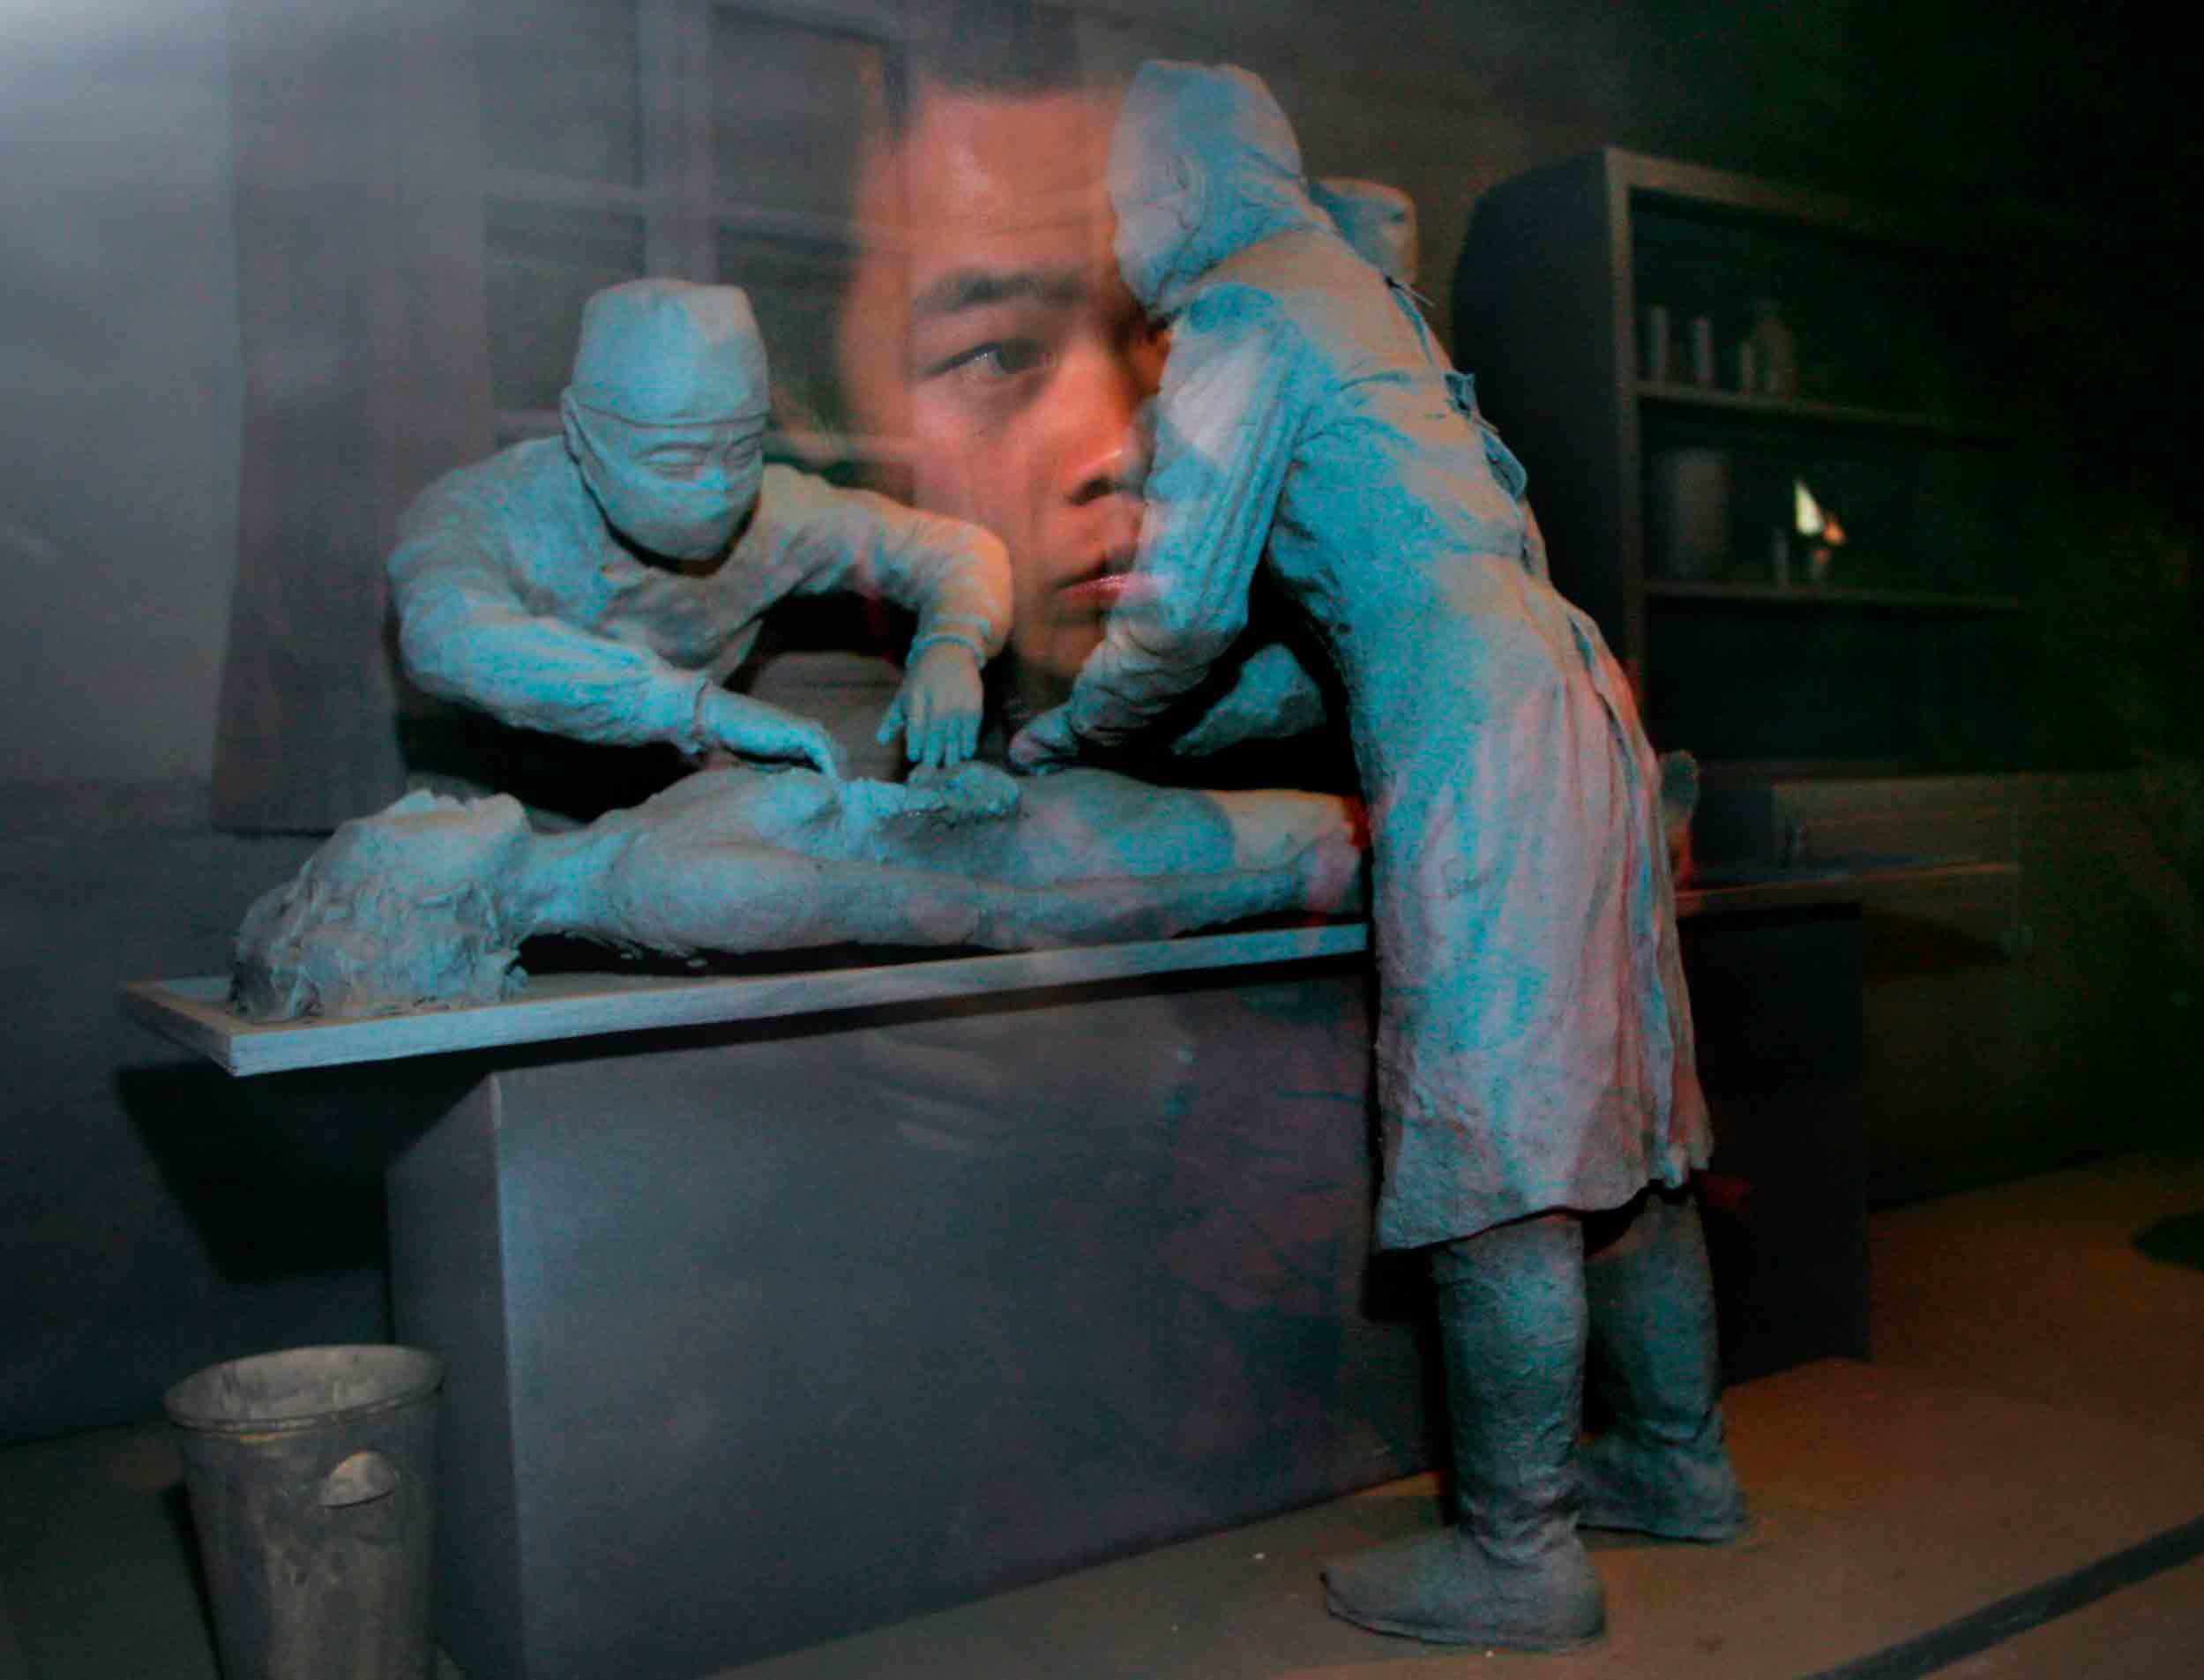 La inhumana Unidad 731 de Japón en la II Guerra Mundial